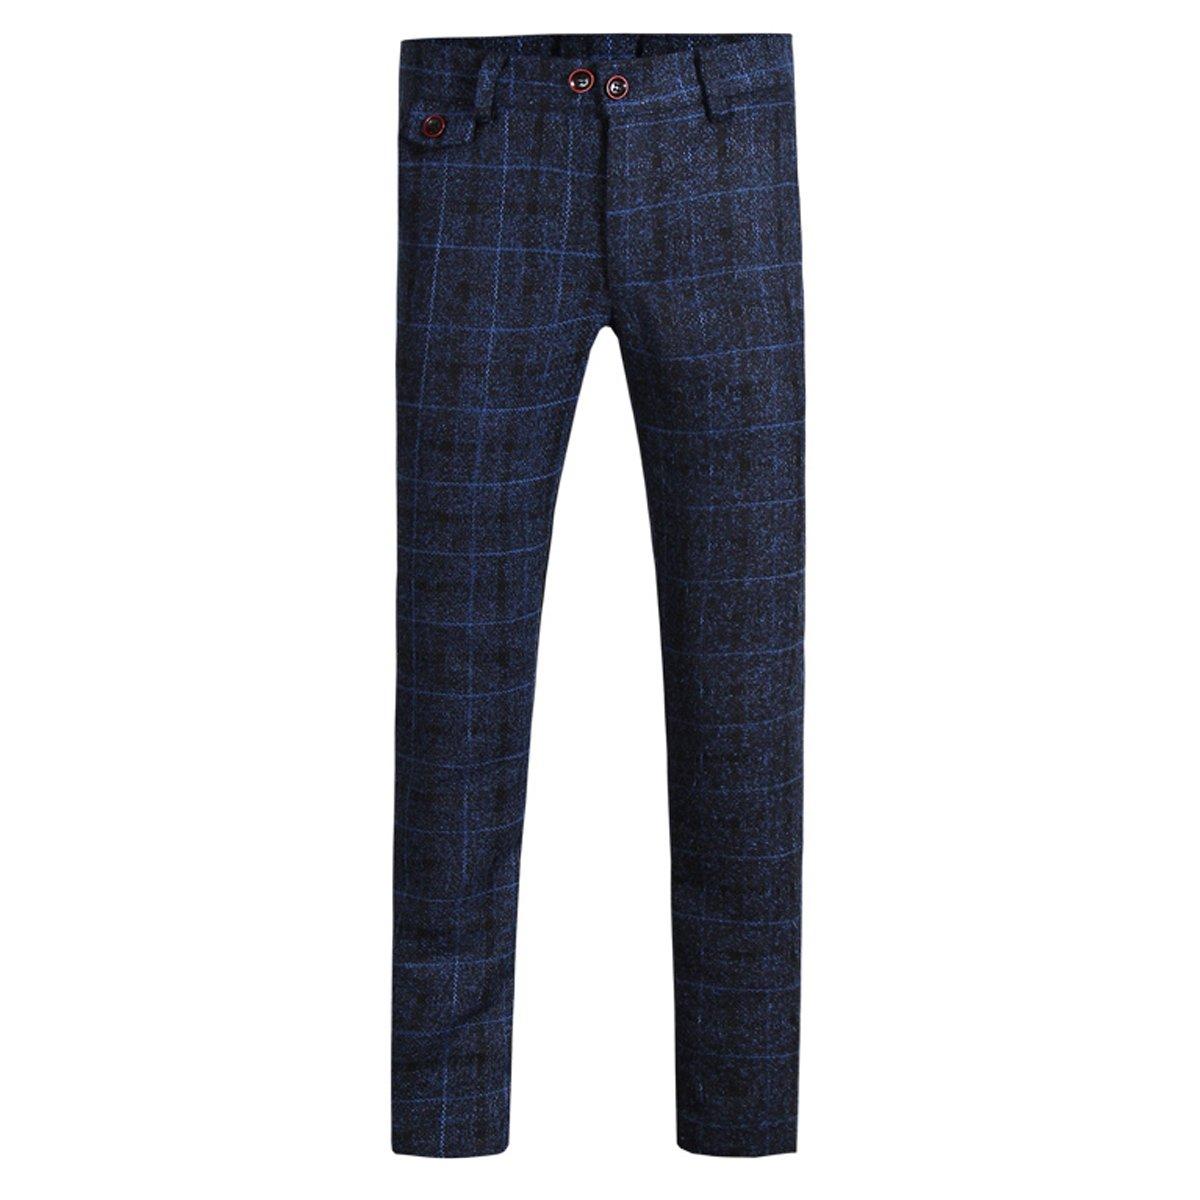 Cloudstyle Mens Pants Slim Fit Flat Front Plaid Stripe Comfort Suit Pant Dress Trousers,Dark Blue,Large(34W נ30L)